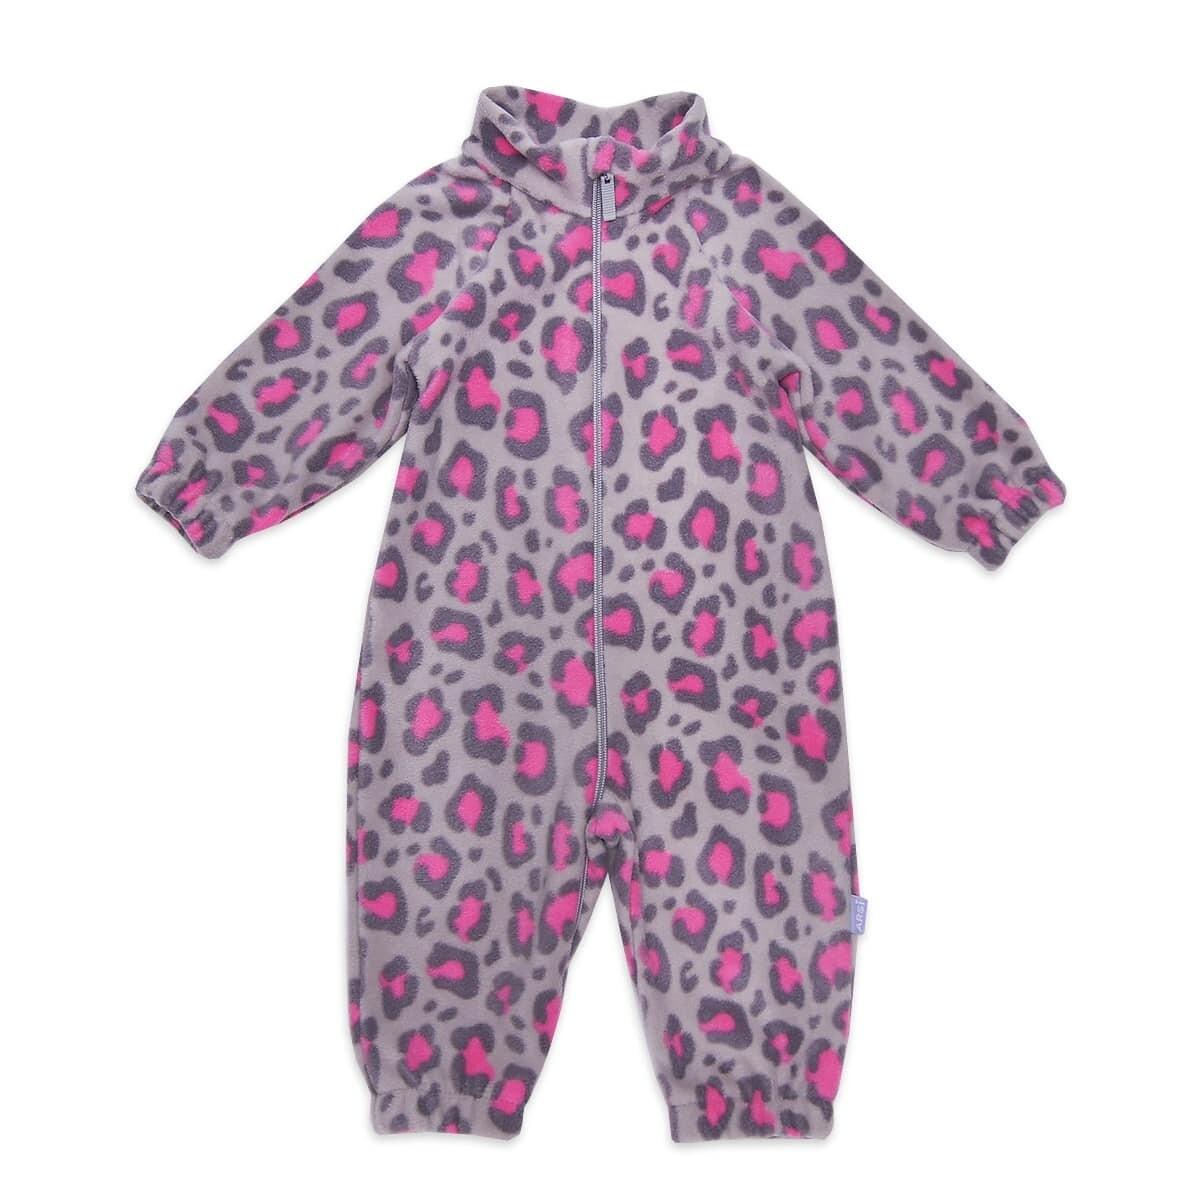 Флисовый комбинезон FLISIK, серо-розовый леопард